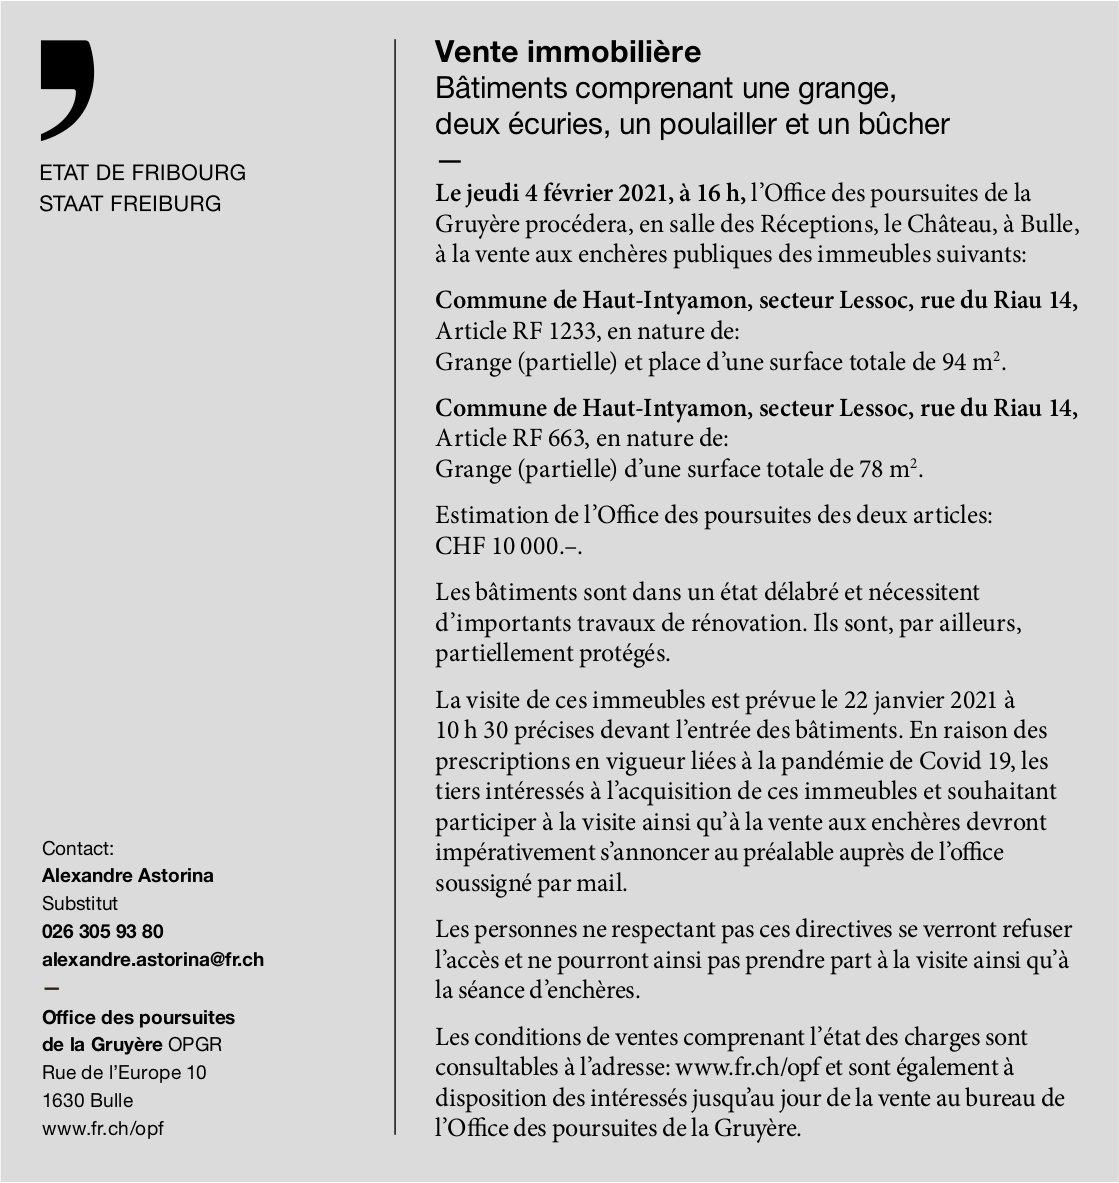 Vente immobilière, Etat de Fribourg, Bulle, à vendre